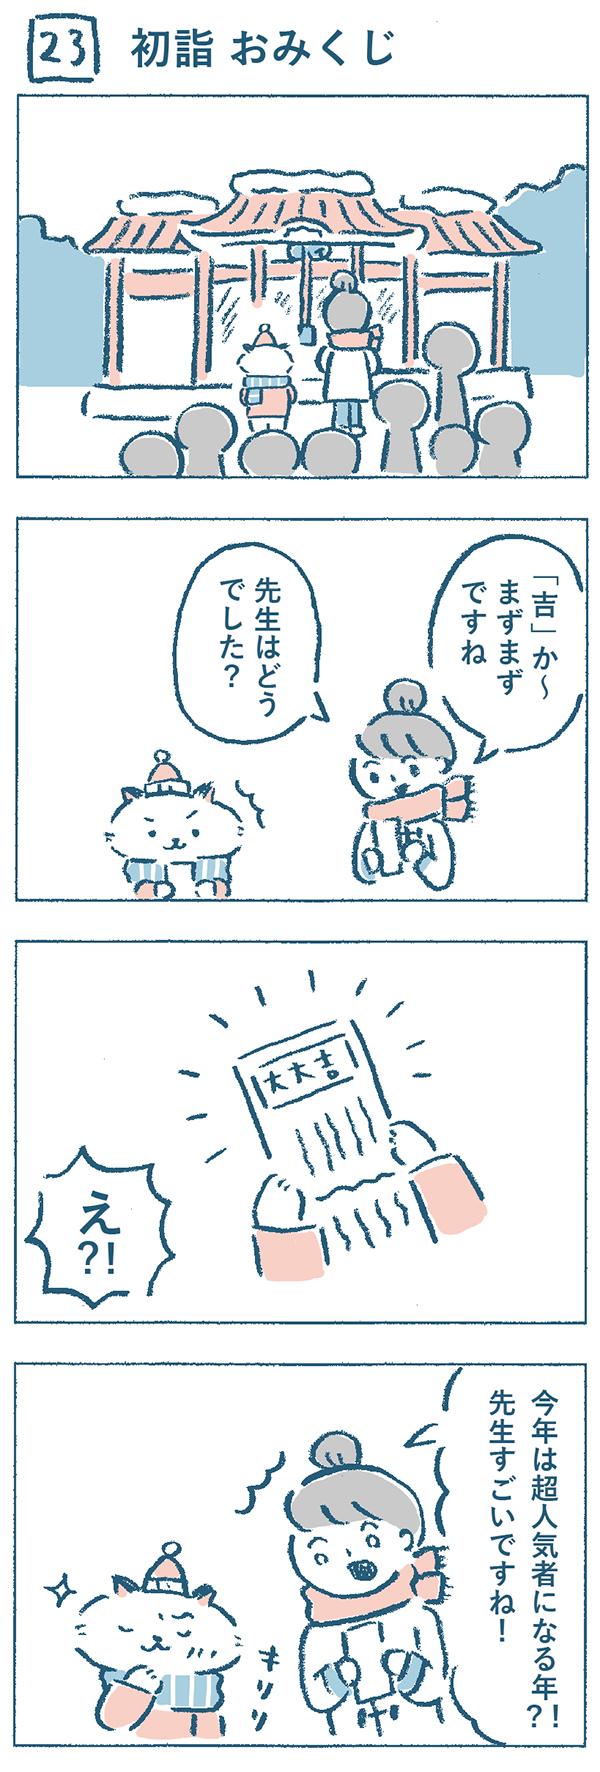 タイトル:初詣 おみくじ。ねこやま先生は奈央子と一緒に初詣に来ています。奈央子のおみくじは「吉」。先生はというと…「大大吉」。「今年は超人気になる年」と書いてありました。